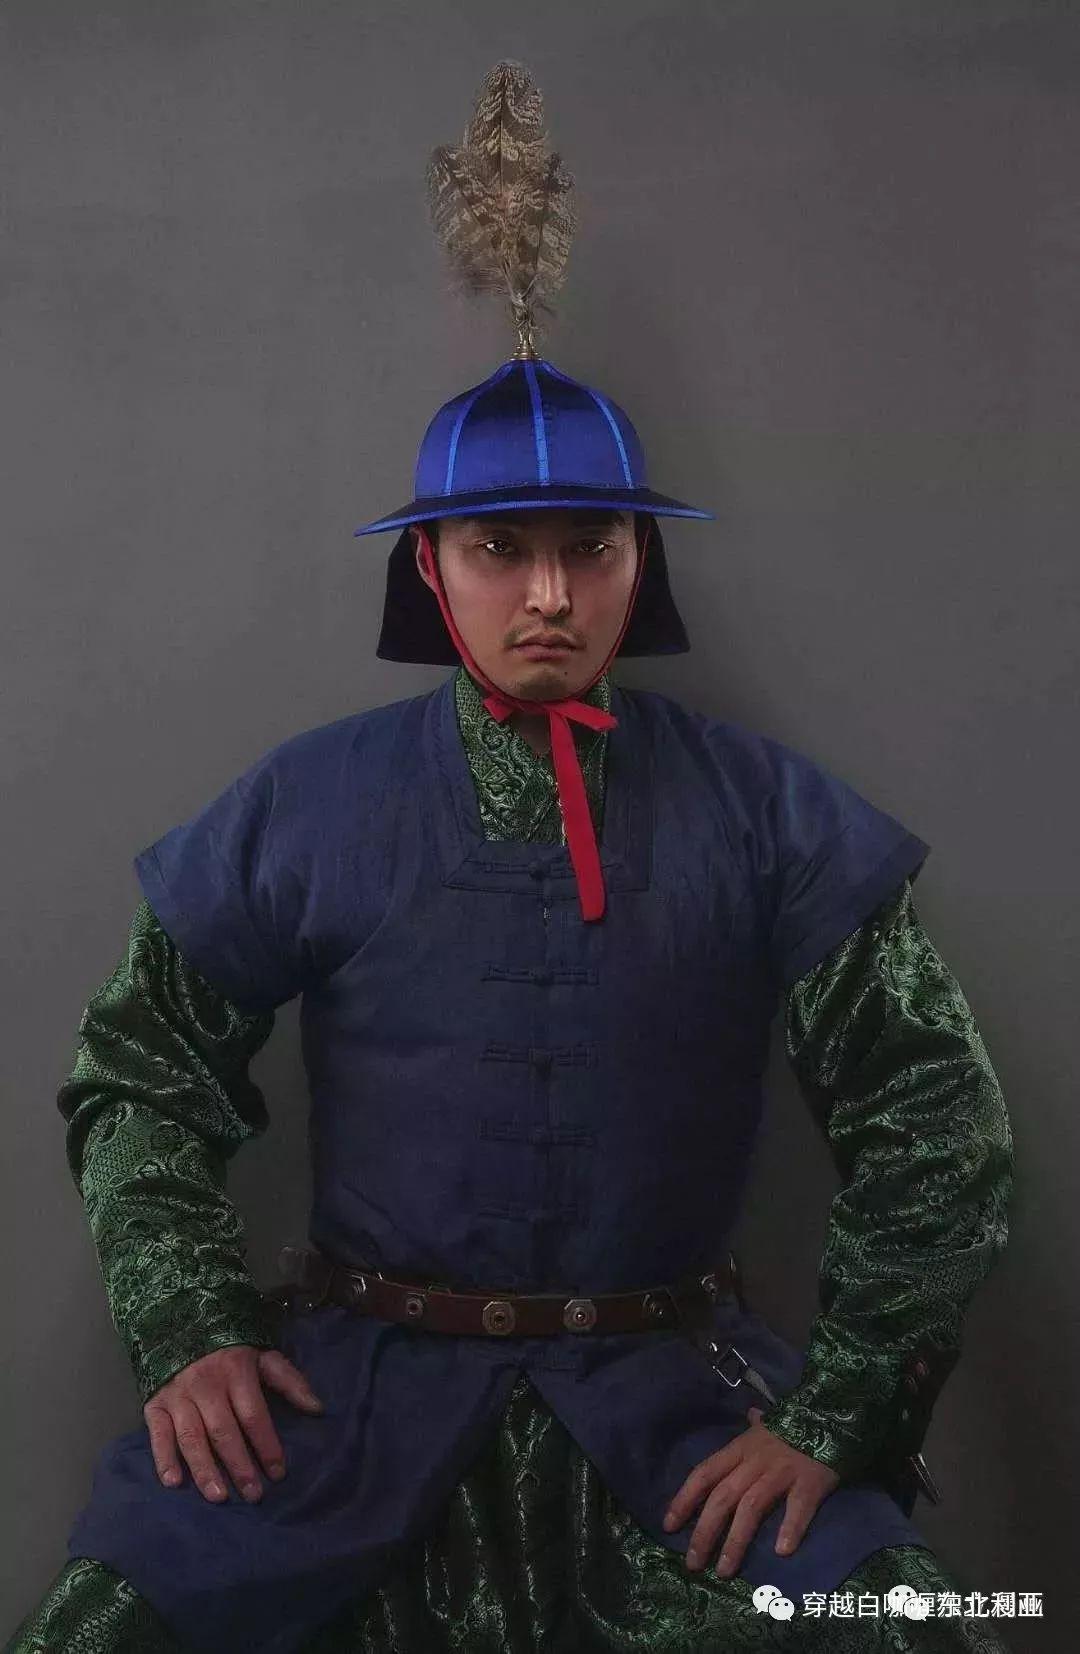 图集丨元代蒙古袍、画作及其复原品 第40张